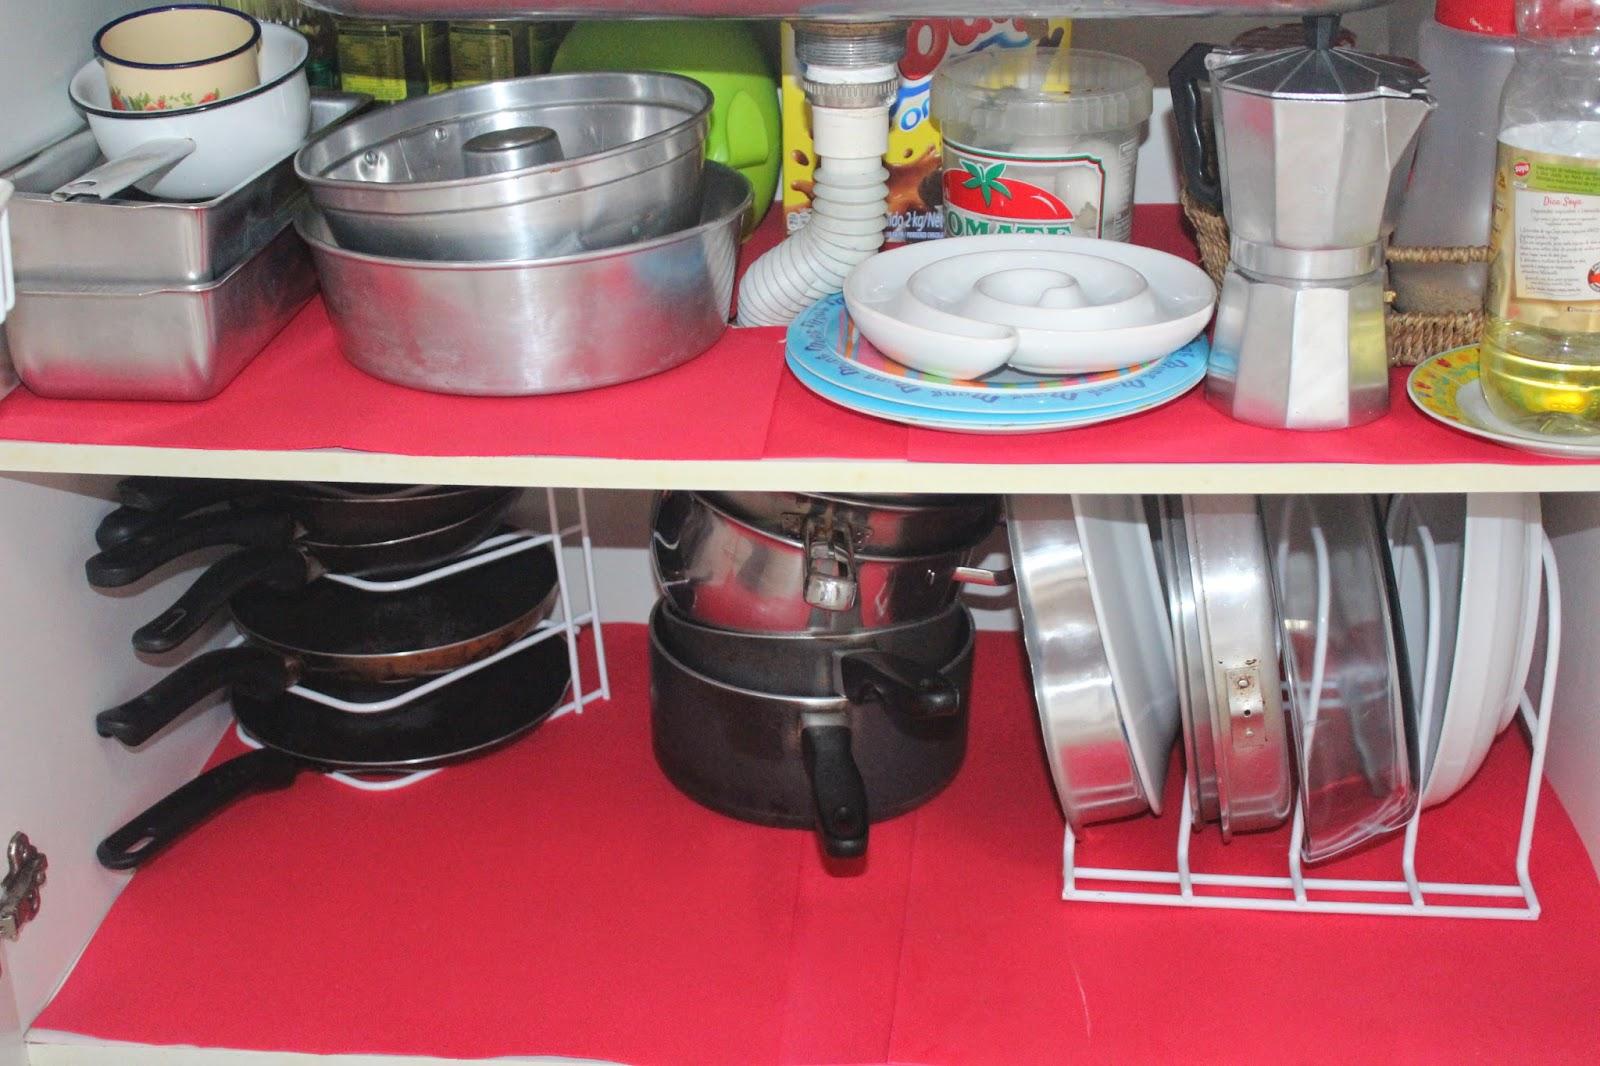 organizando armarios da cozinha com acessórios